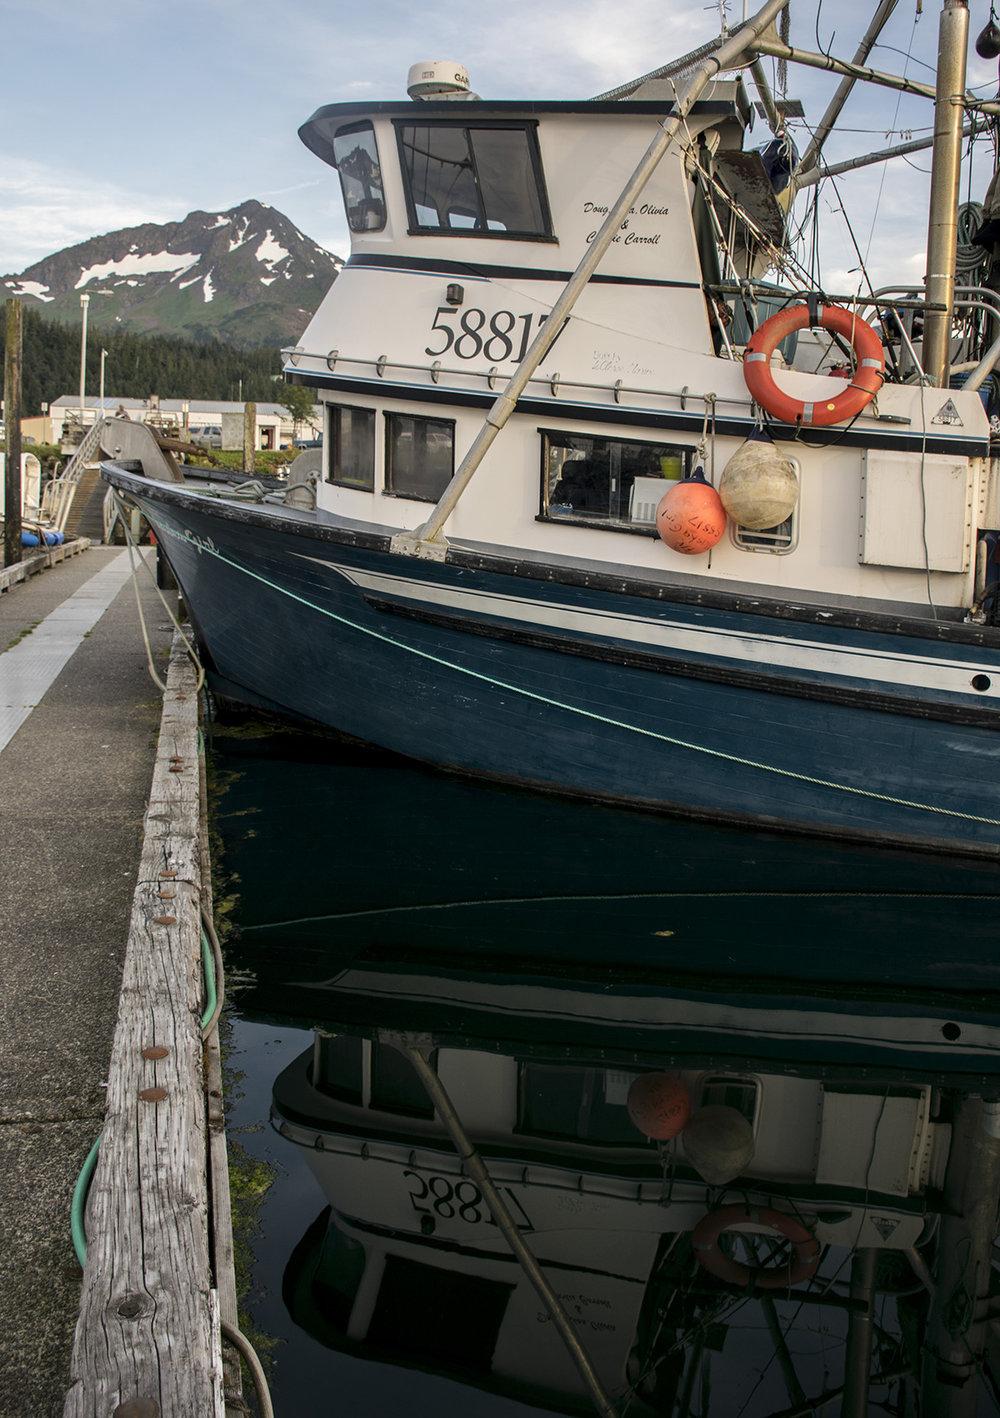 20160717_CA_ColoringBook_Boat_Dock_EH_002.jpg